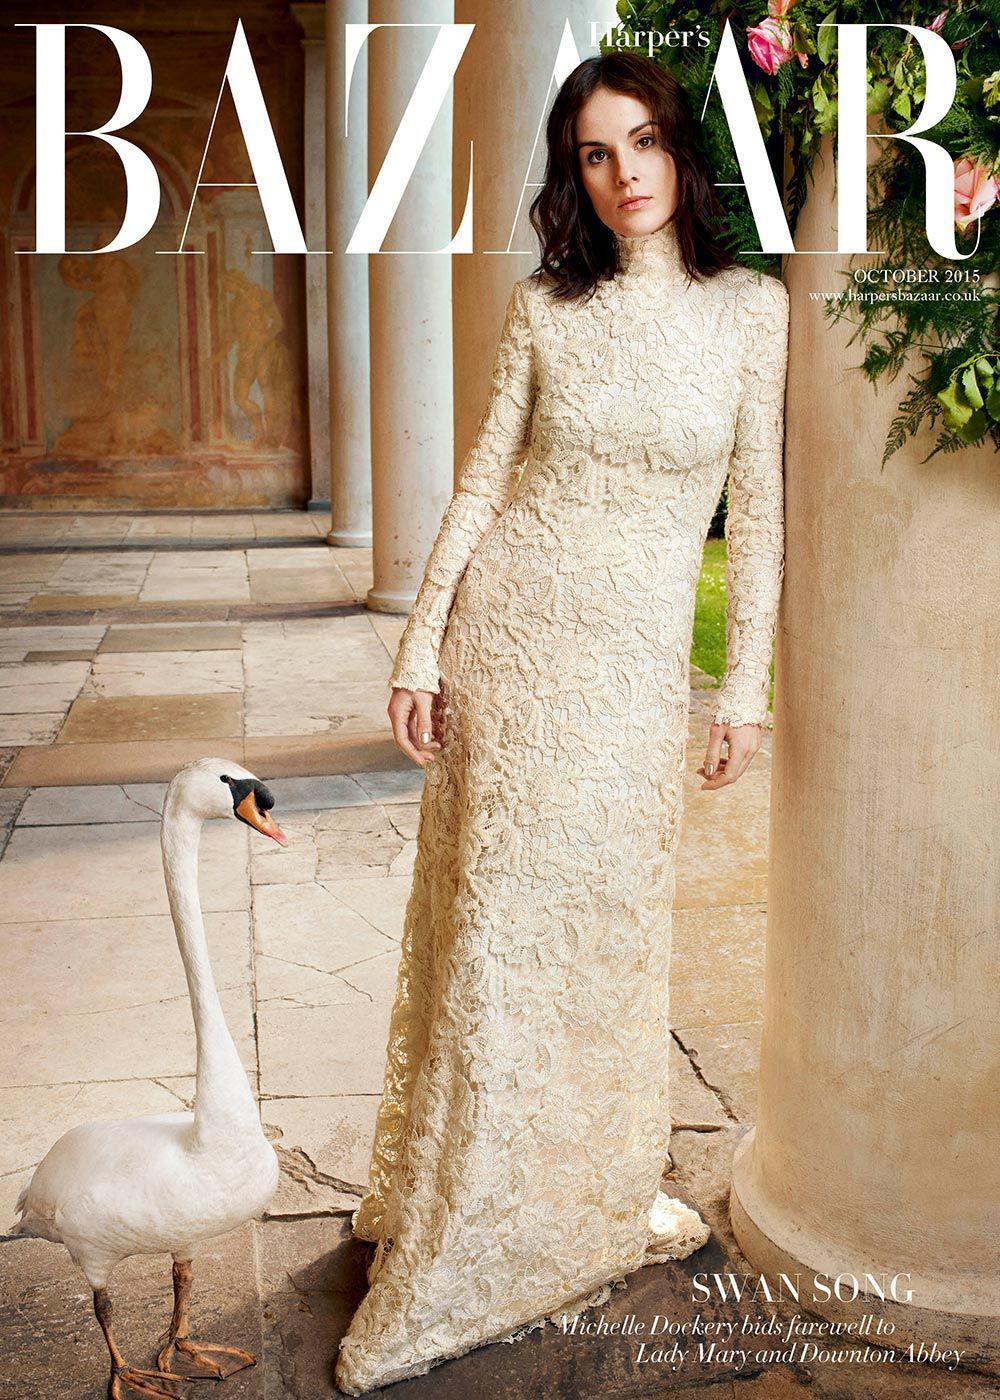 Swan Song: Michelle Dockery by David Slijper for Harper's Bazaar UK October 2015 cover